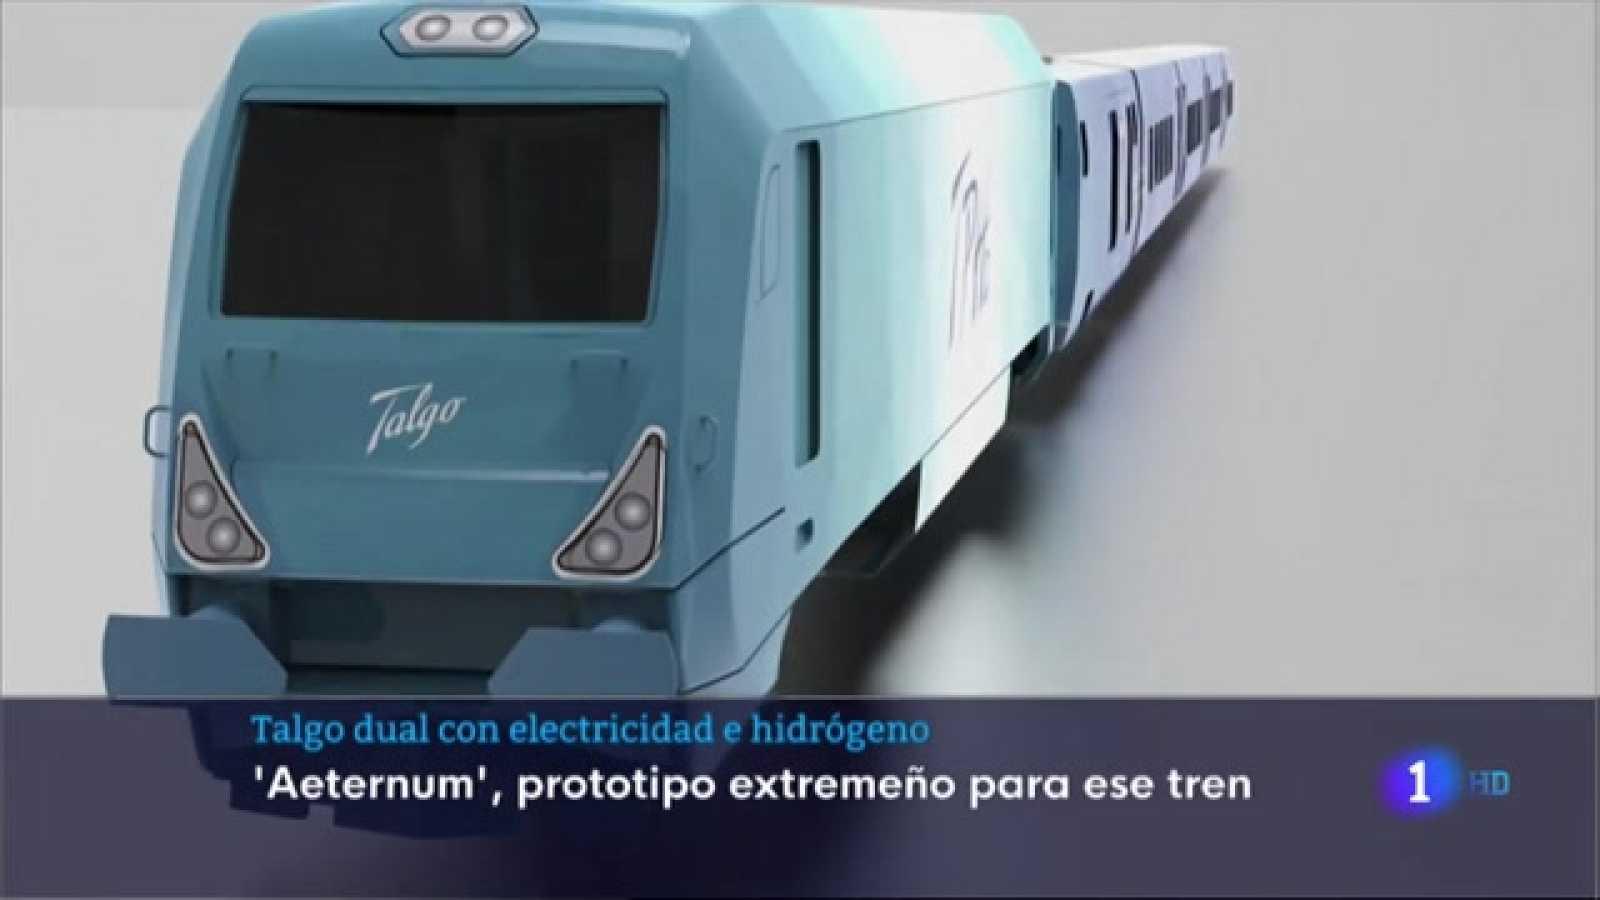 Talgo podría fabricar trenes que combinen electricidad e hidrógeno, en Extremadura - 17/05/2021